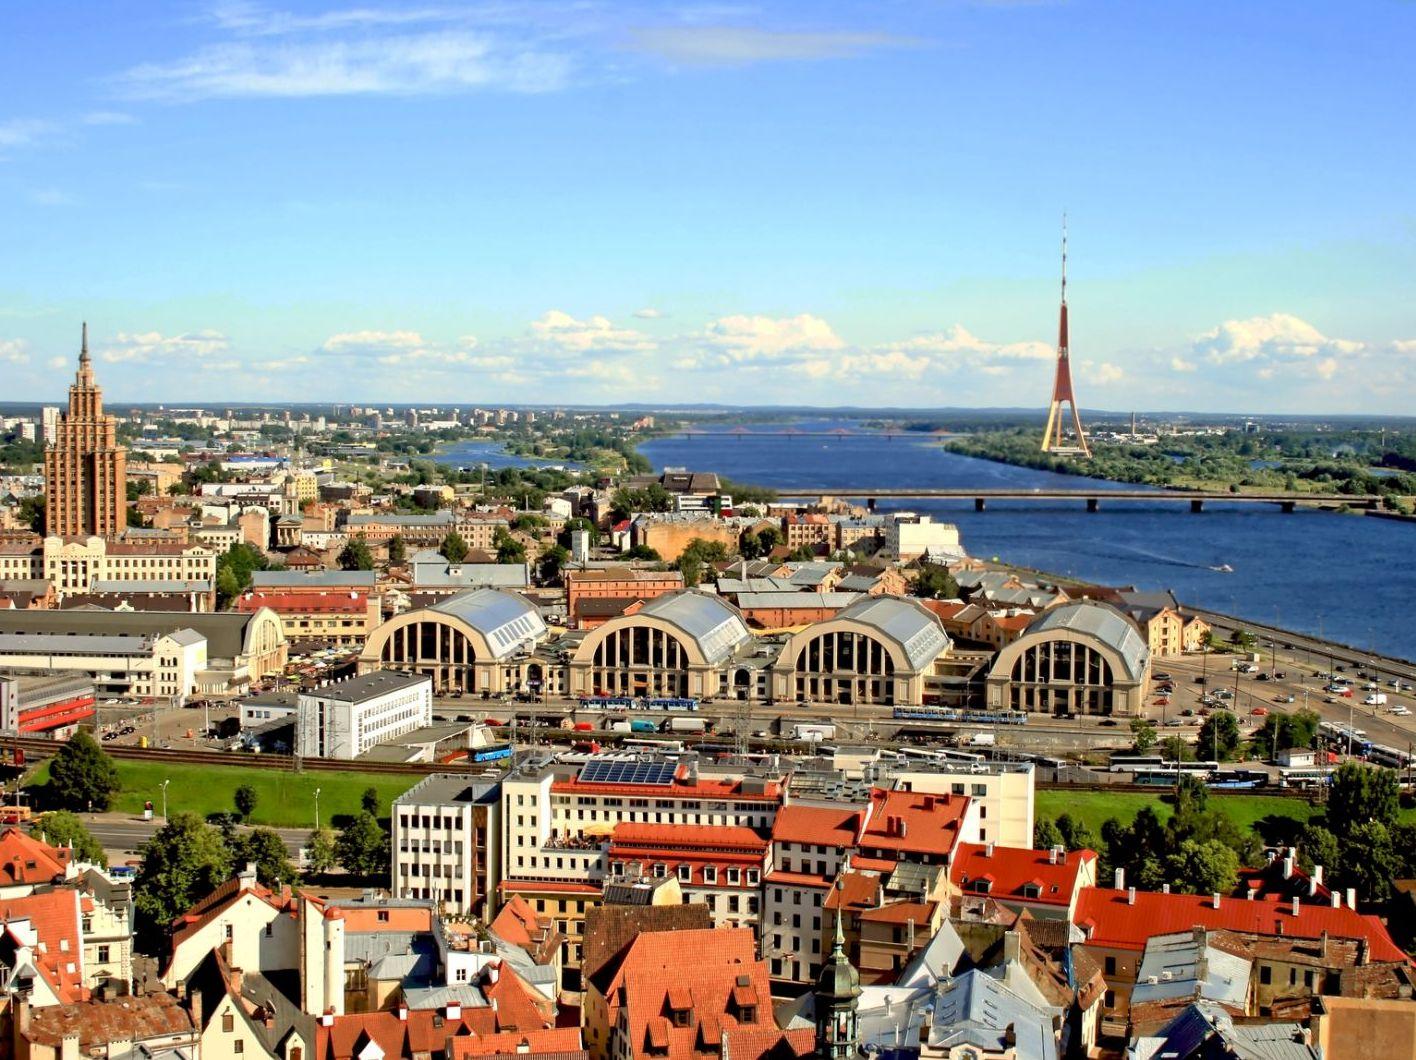 Туры выходного дня в Латвию из Минска - поездка на выходные